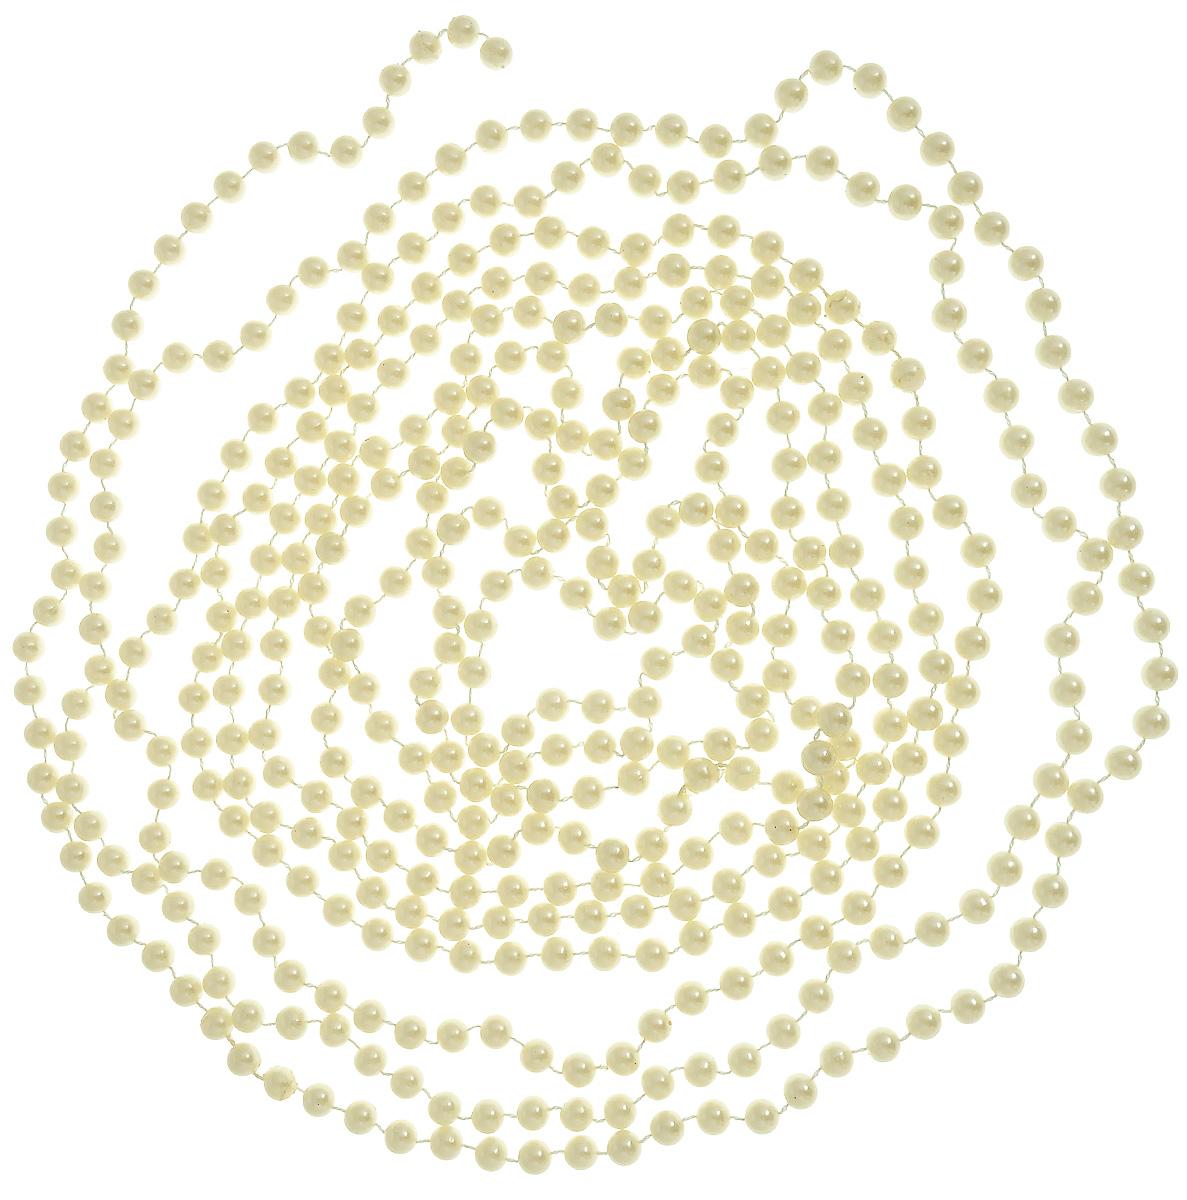 Гирлянда новогодняя Lovemark Бусы, цвет: жемчужный, длина 5 мT801/5F/PERLНовогодняя гирлянда Lovemark Бусы, выполненная из пластика и текстиля, украсит интерьер вашего дома или офиса в преддверии Нового года. Оригинальный дизайн и красочное исполнение создадут праздничное настроение. Новогодние украшения всегда несут в себе волшебство и красоту праздника. Создайте в своем доме атмосферу тепла, веселья и радости, украшая его всей семьей.Общая длина гирлянды: 5 м.Диаметр бусины: 8 мм.